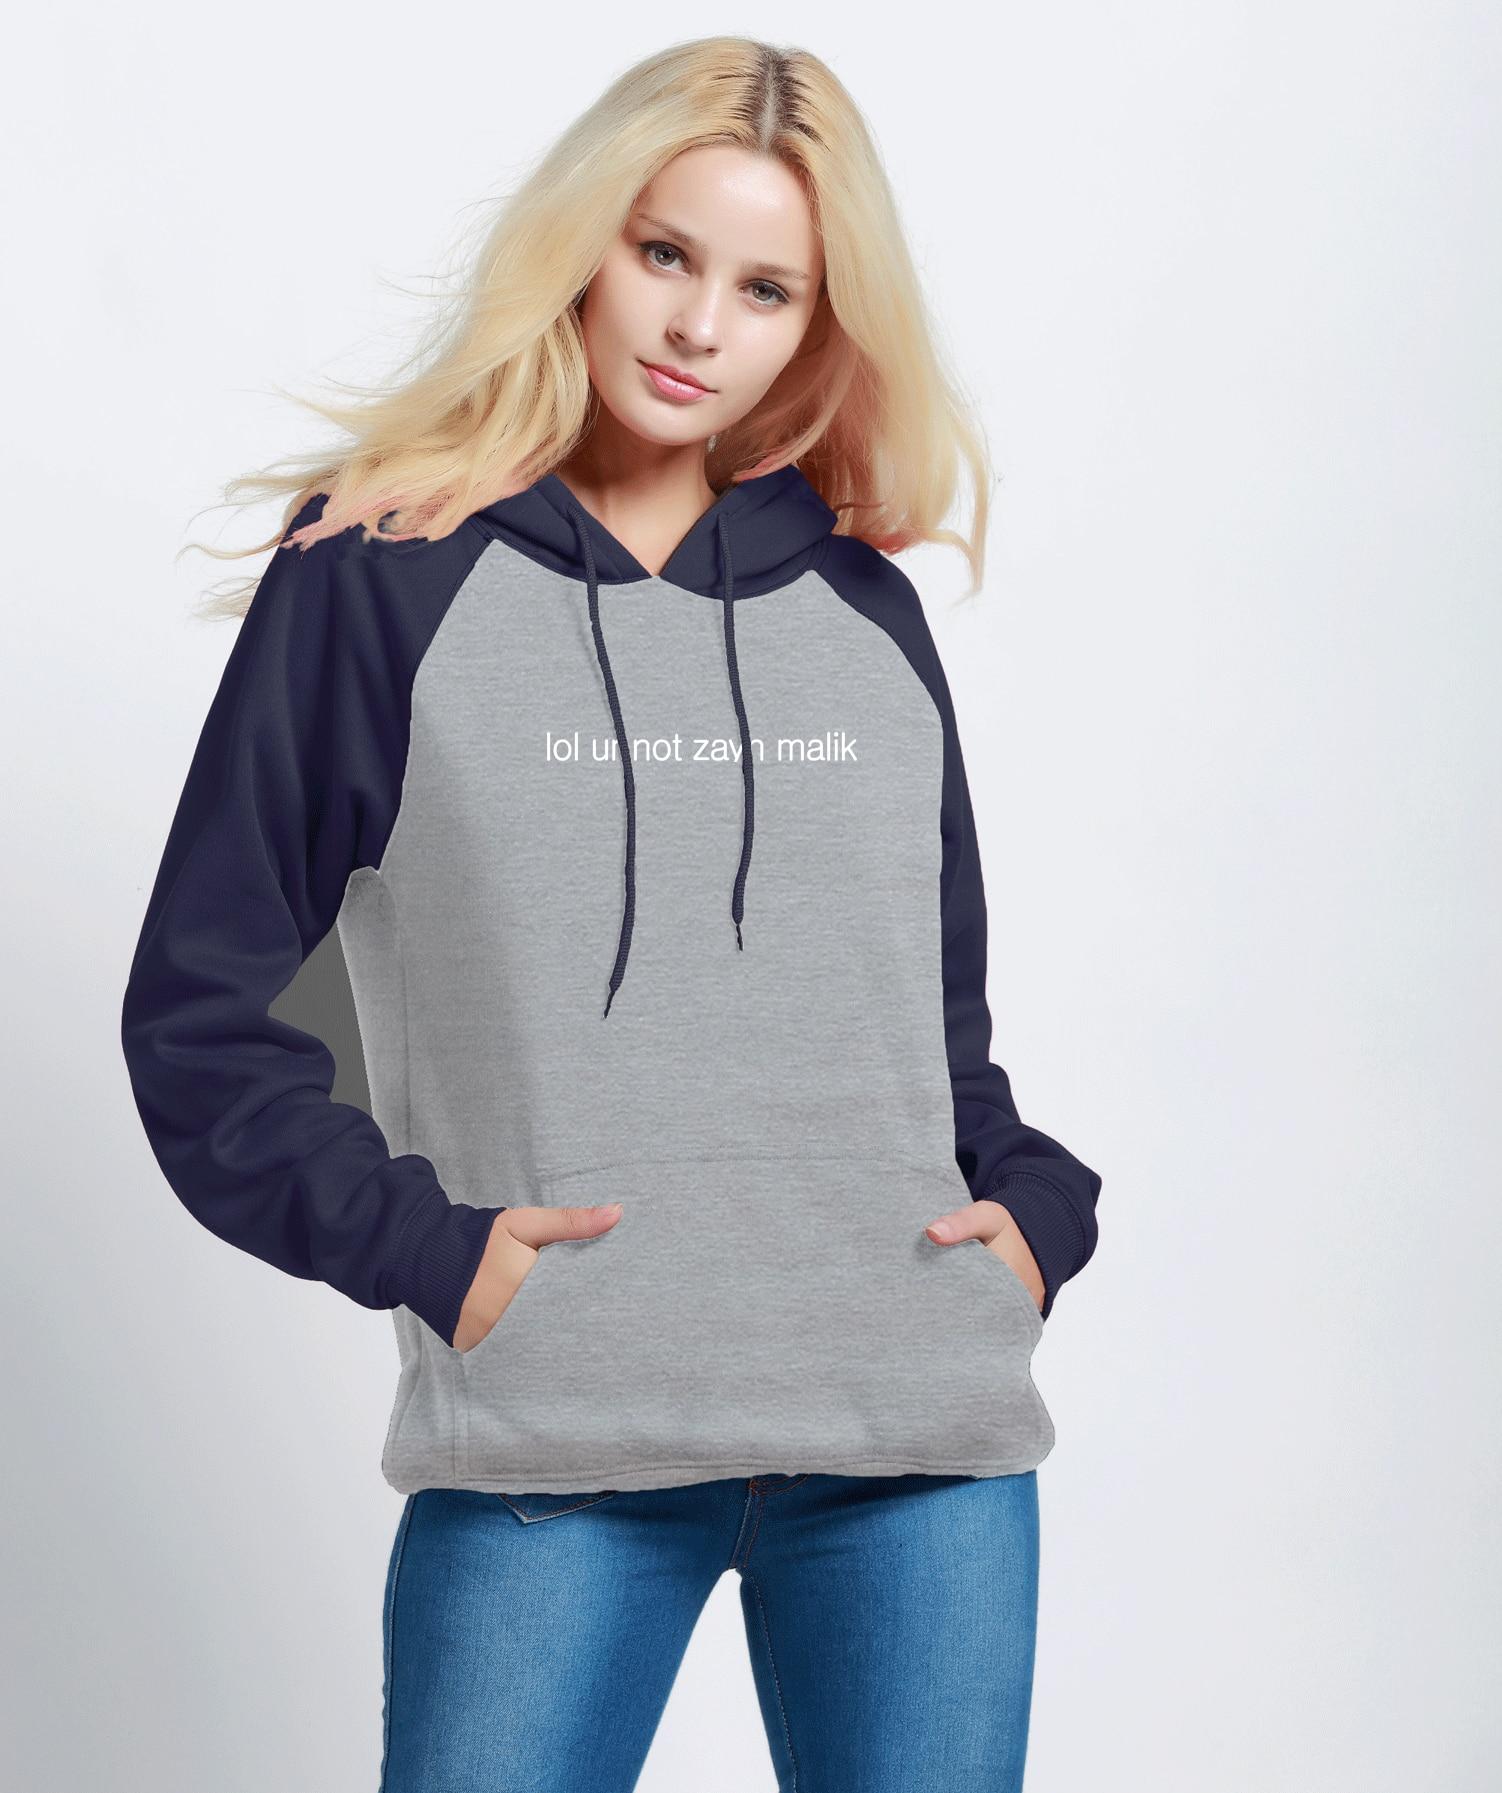 Responsible 2019 Autumn Winter Fleece Hoodies For Women Letter Print Lol Ur Not Zayn Malik Casual Women's Sportswear Sweatshirts Tracksuits Volume Large